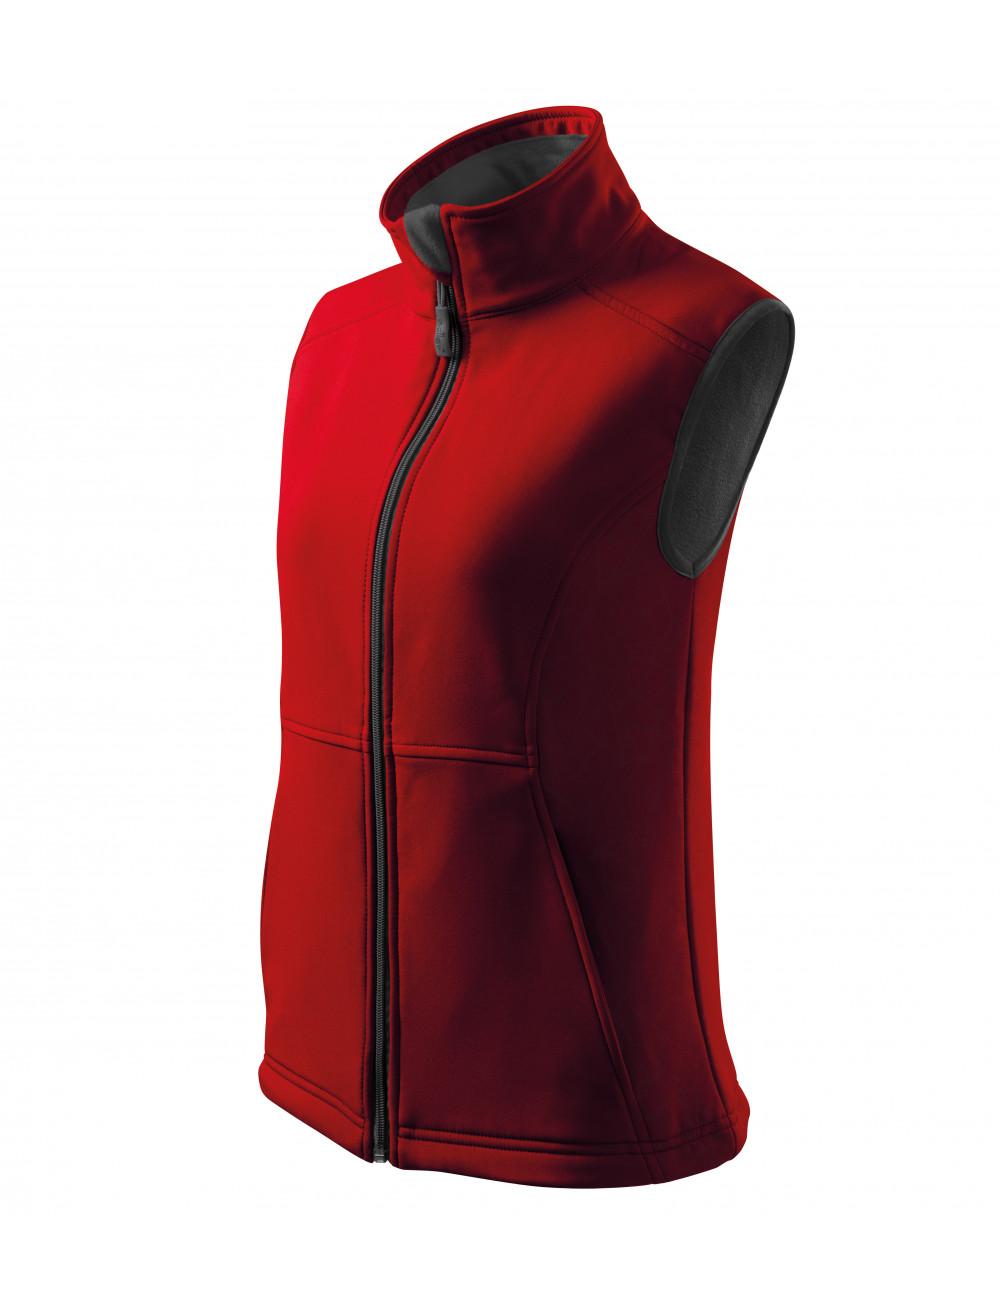 Adler MALFINI Softshell kamizelka damska Vision 516 czerwony